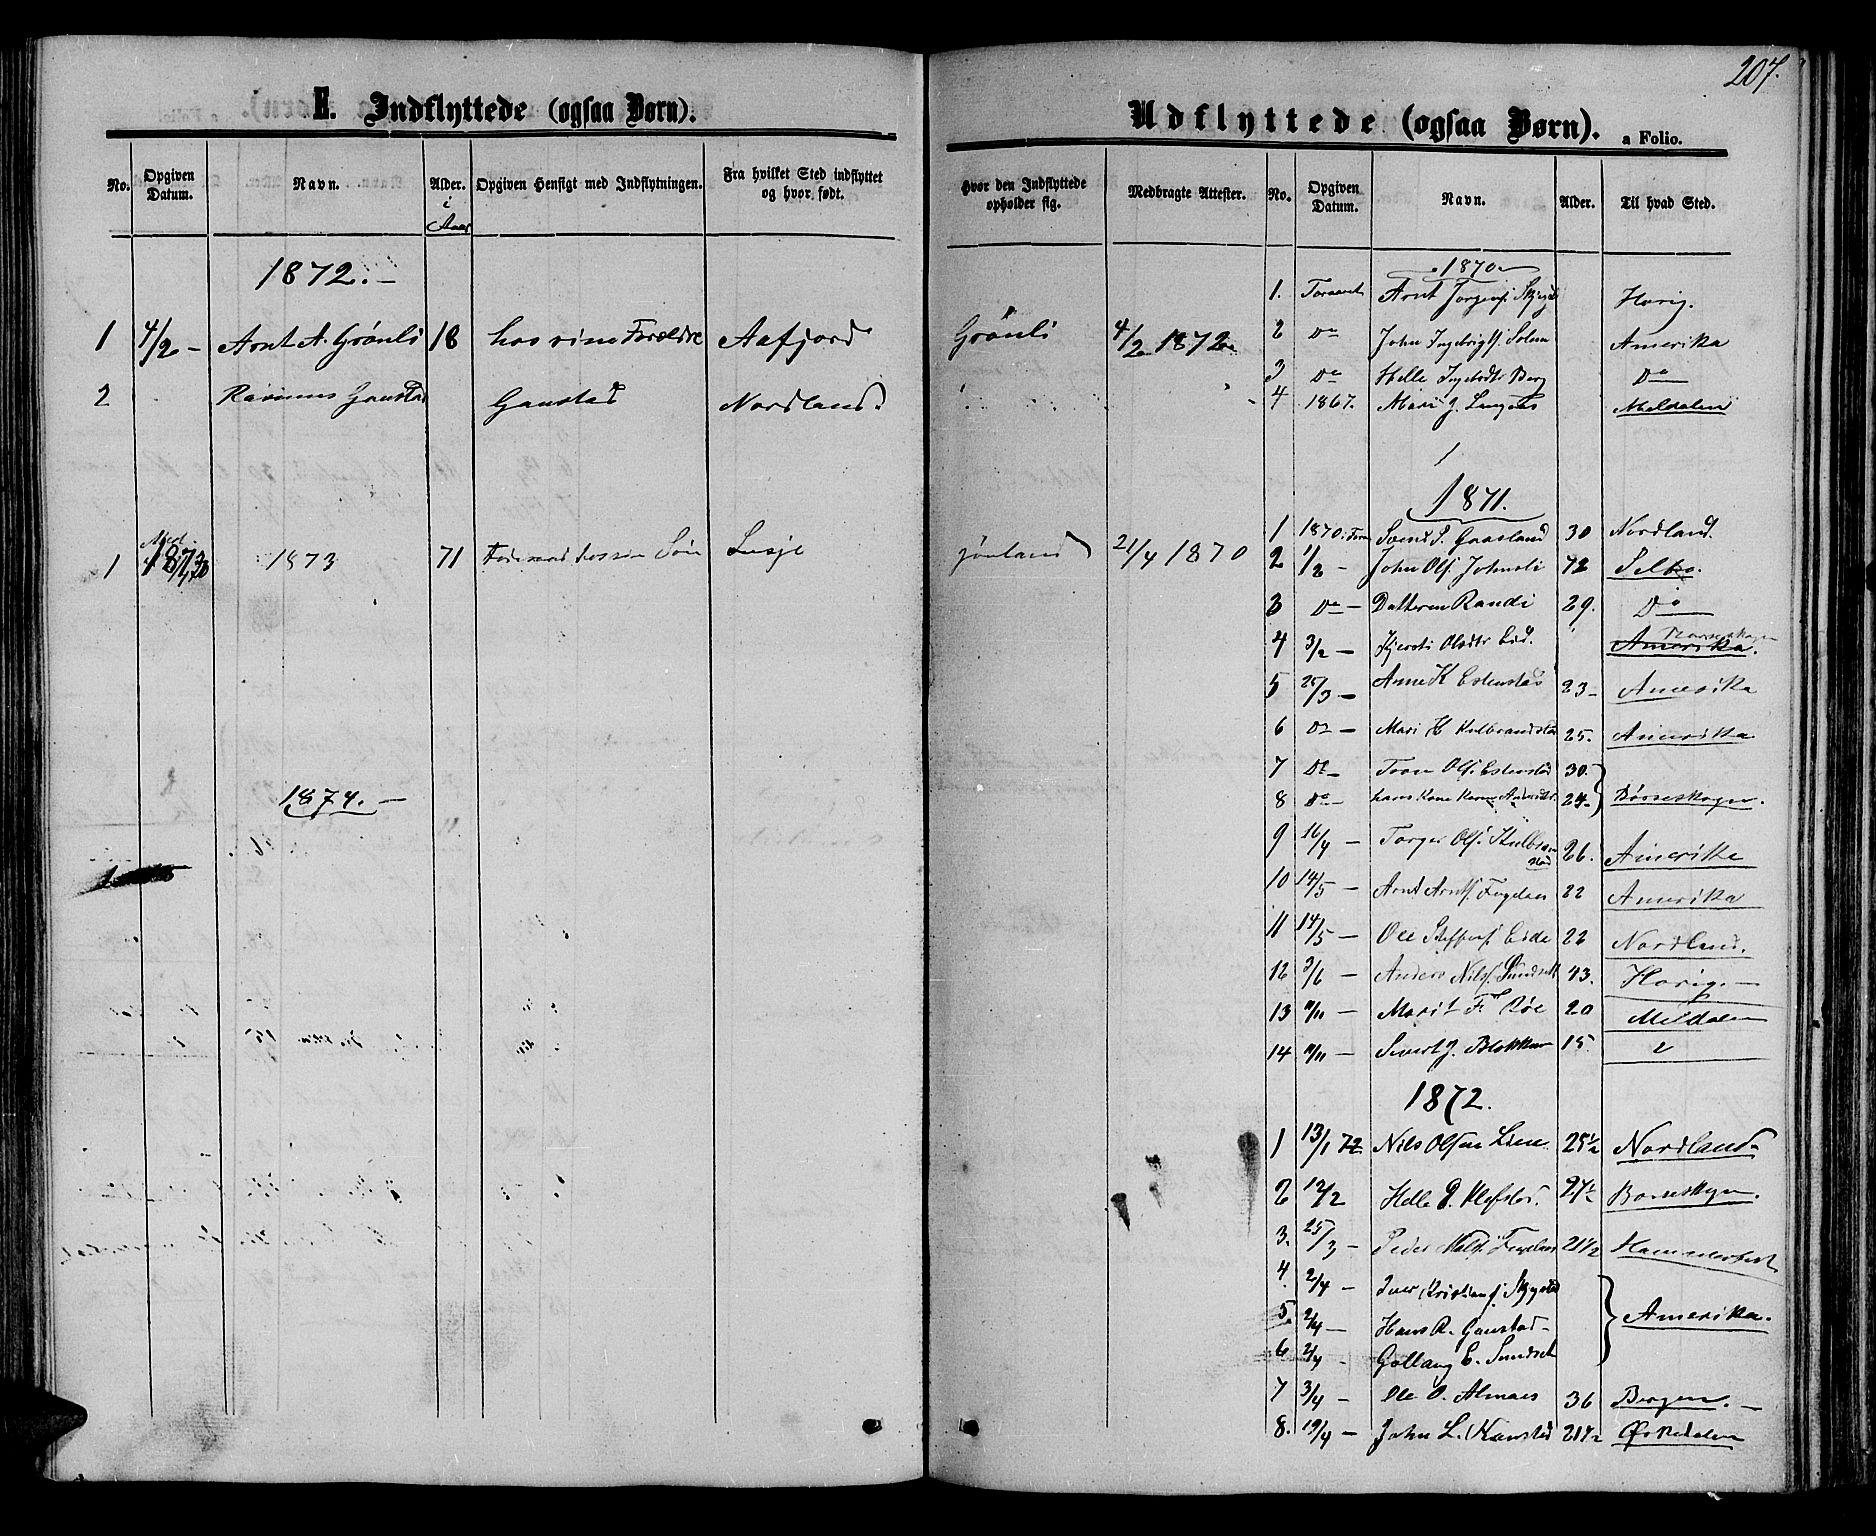 SAT, Ministerialprotokoller, klokkerbøker og fødselsregistre - Sør-Trøndelag, 694/L1131: Klokkerbok nr. 694C03, 1858-1886, s. 207